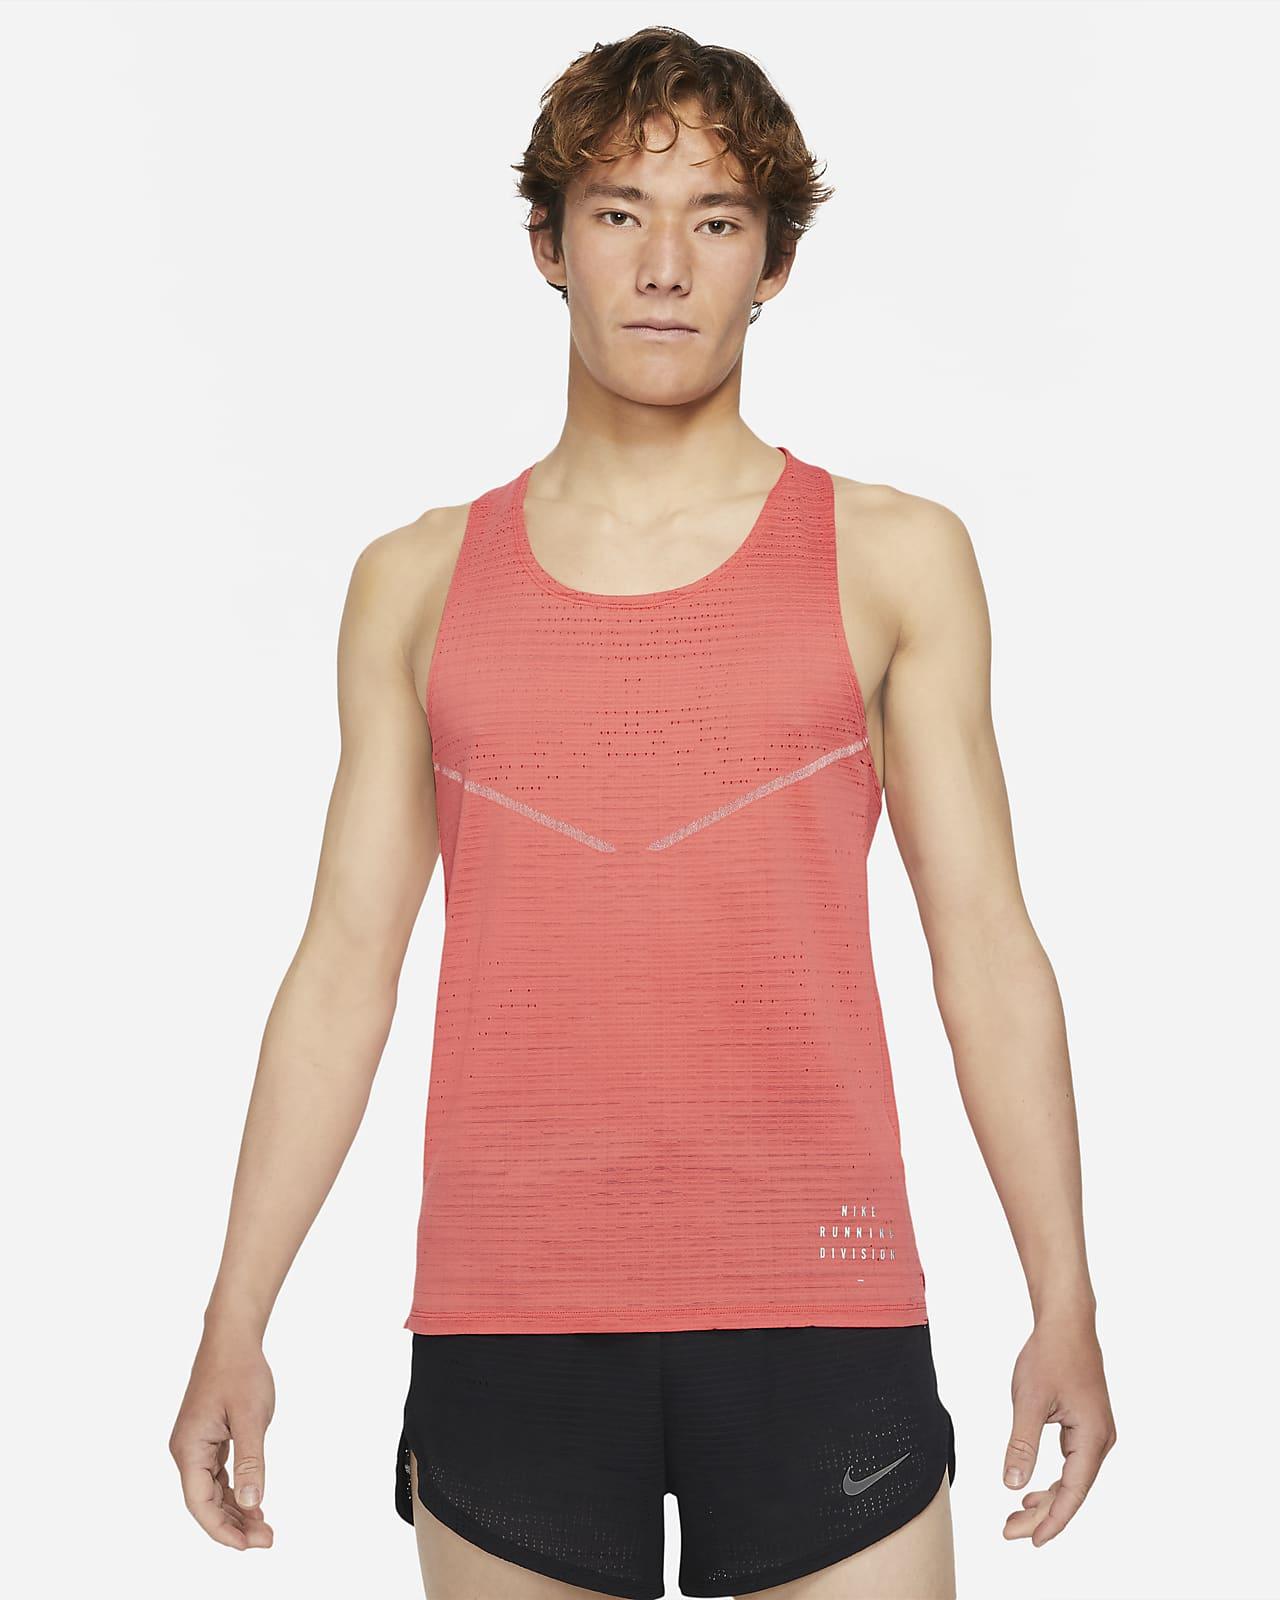 เสื้อกล้ามวิ่งผู้ชาย Nike Dri-FIT ADV Run Division